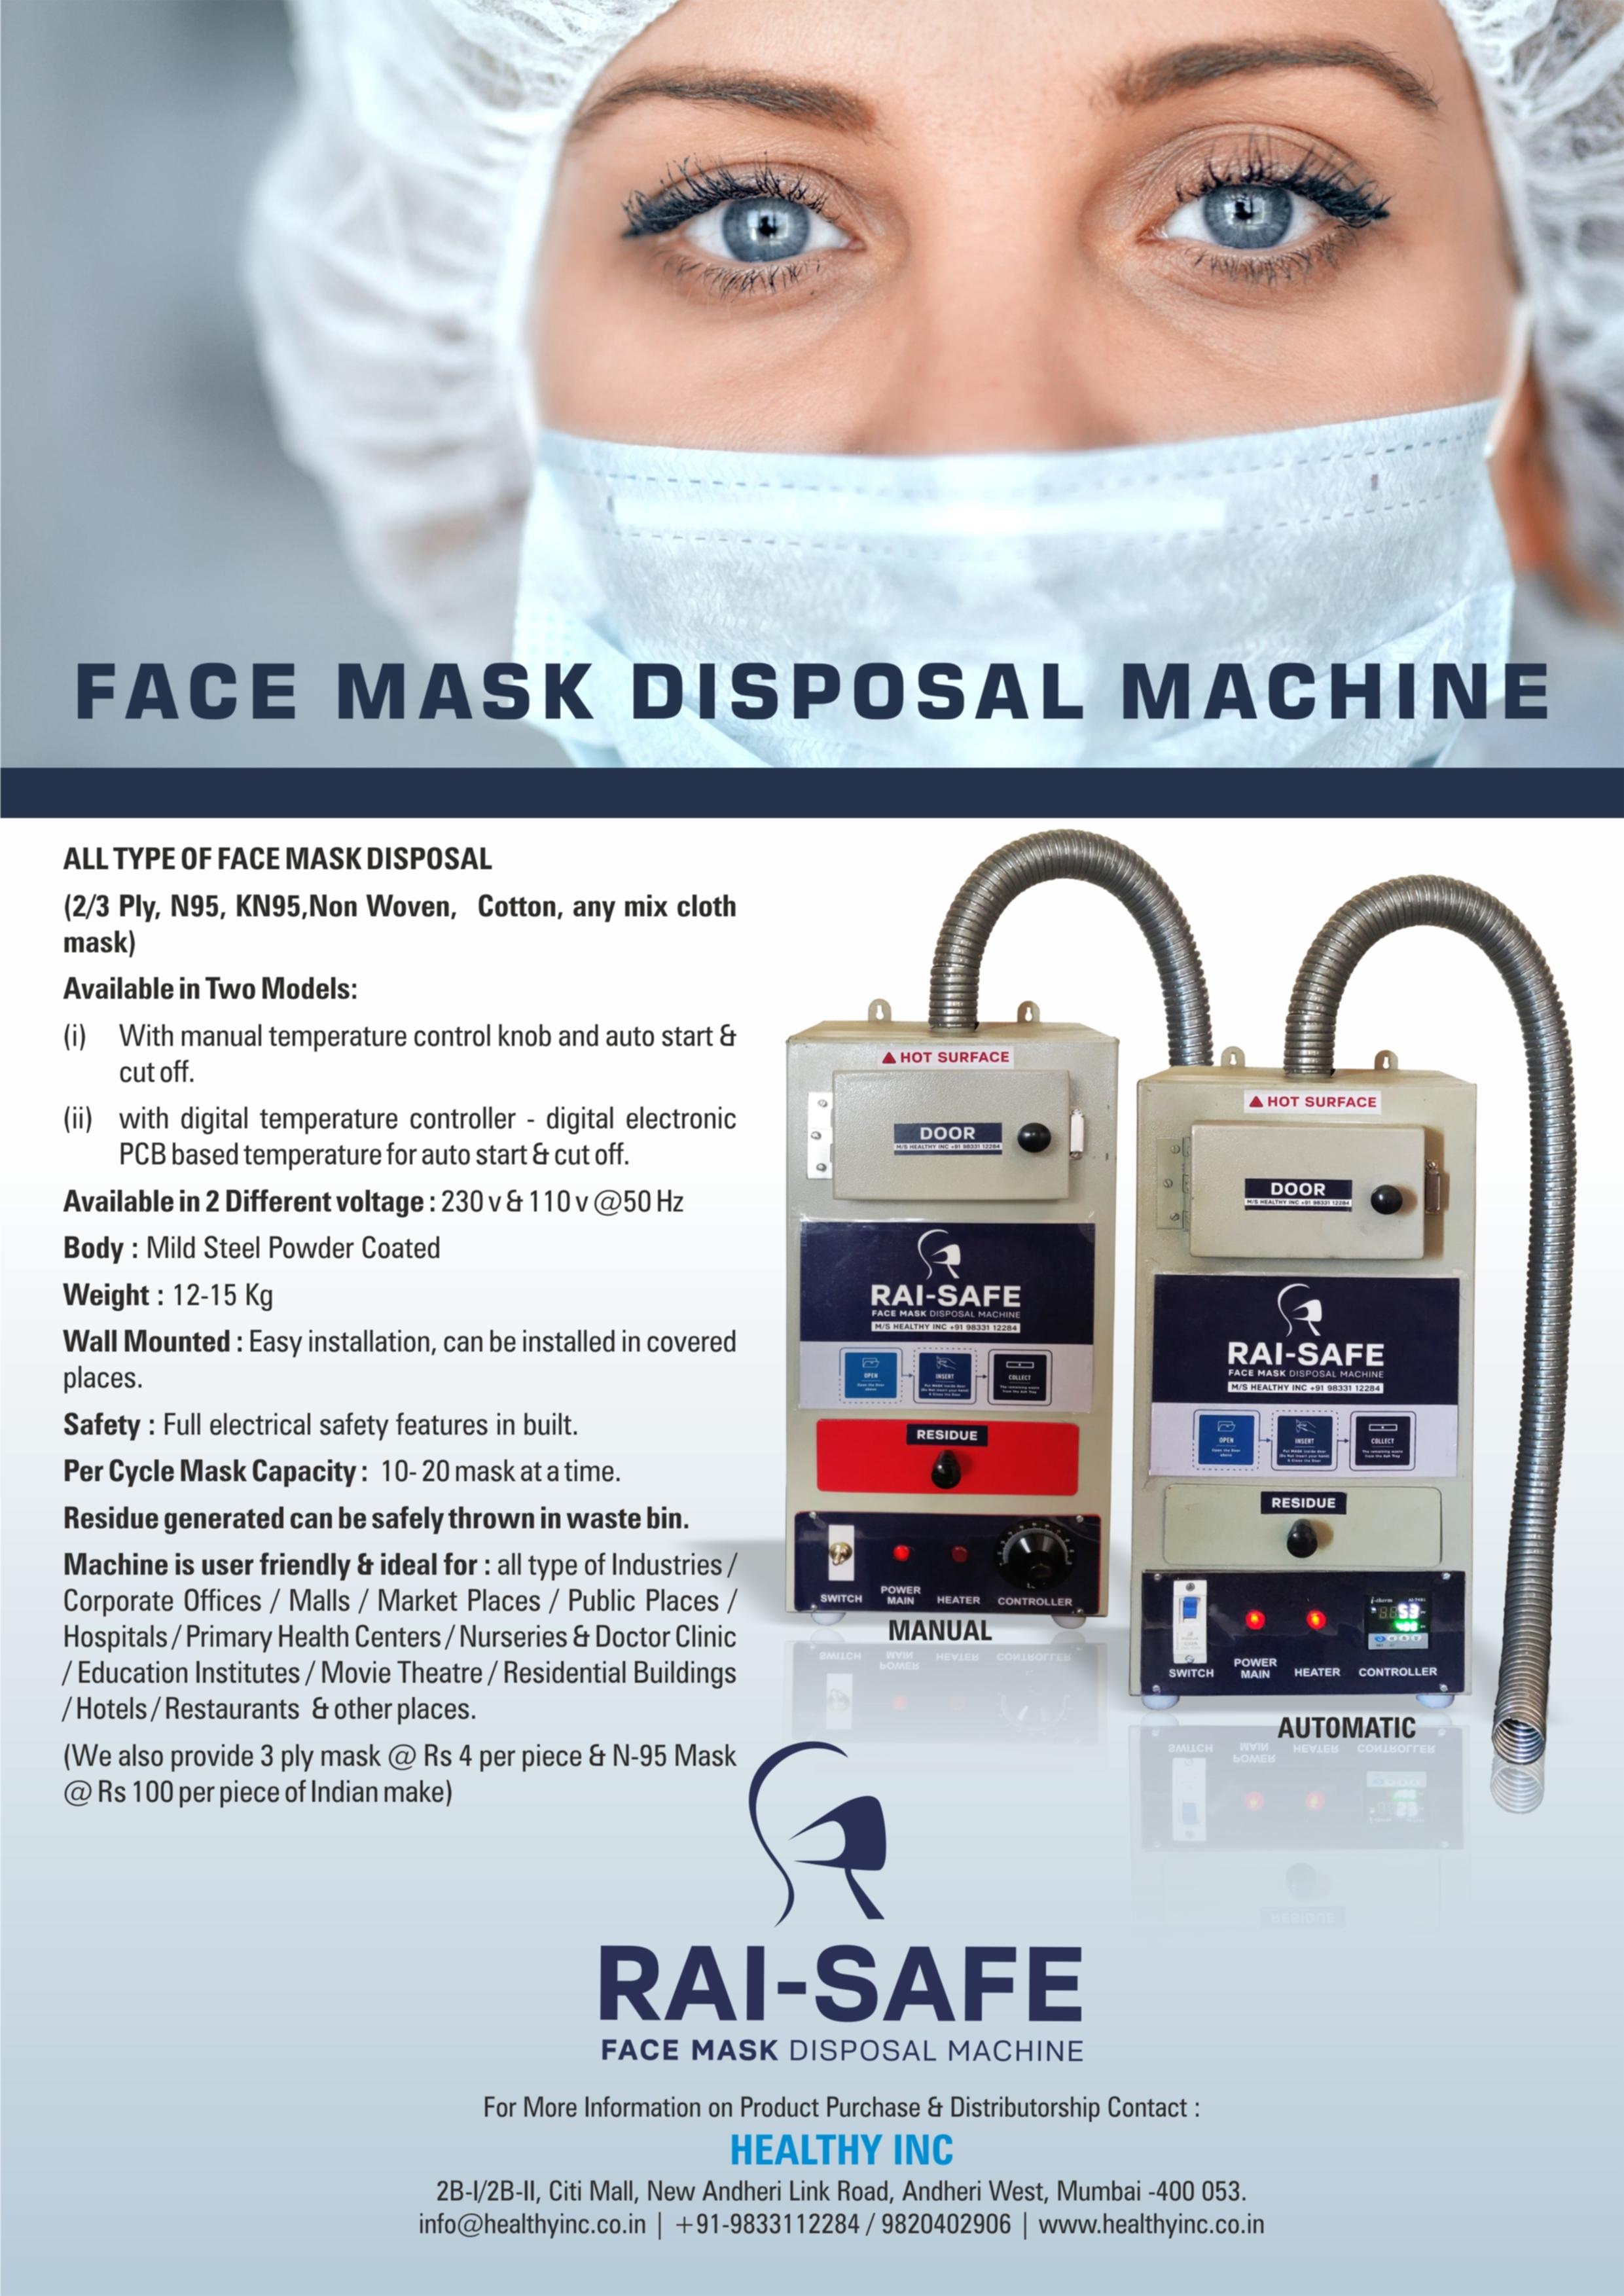 RAI SAFE MASK DISPOSAL MACHINE